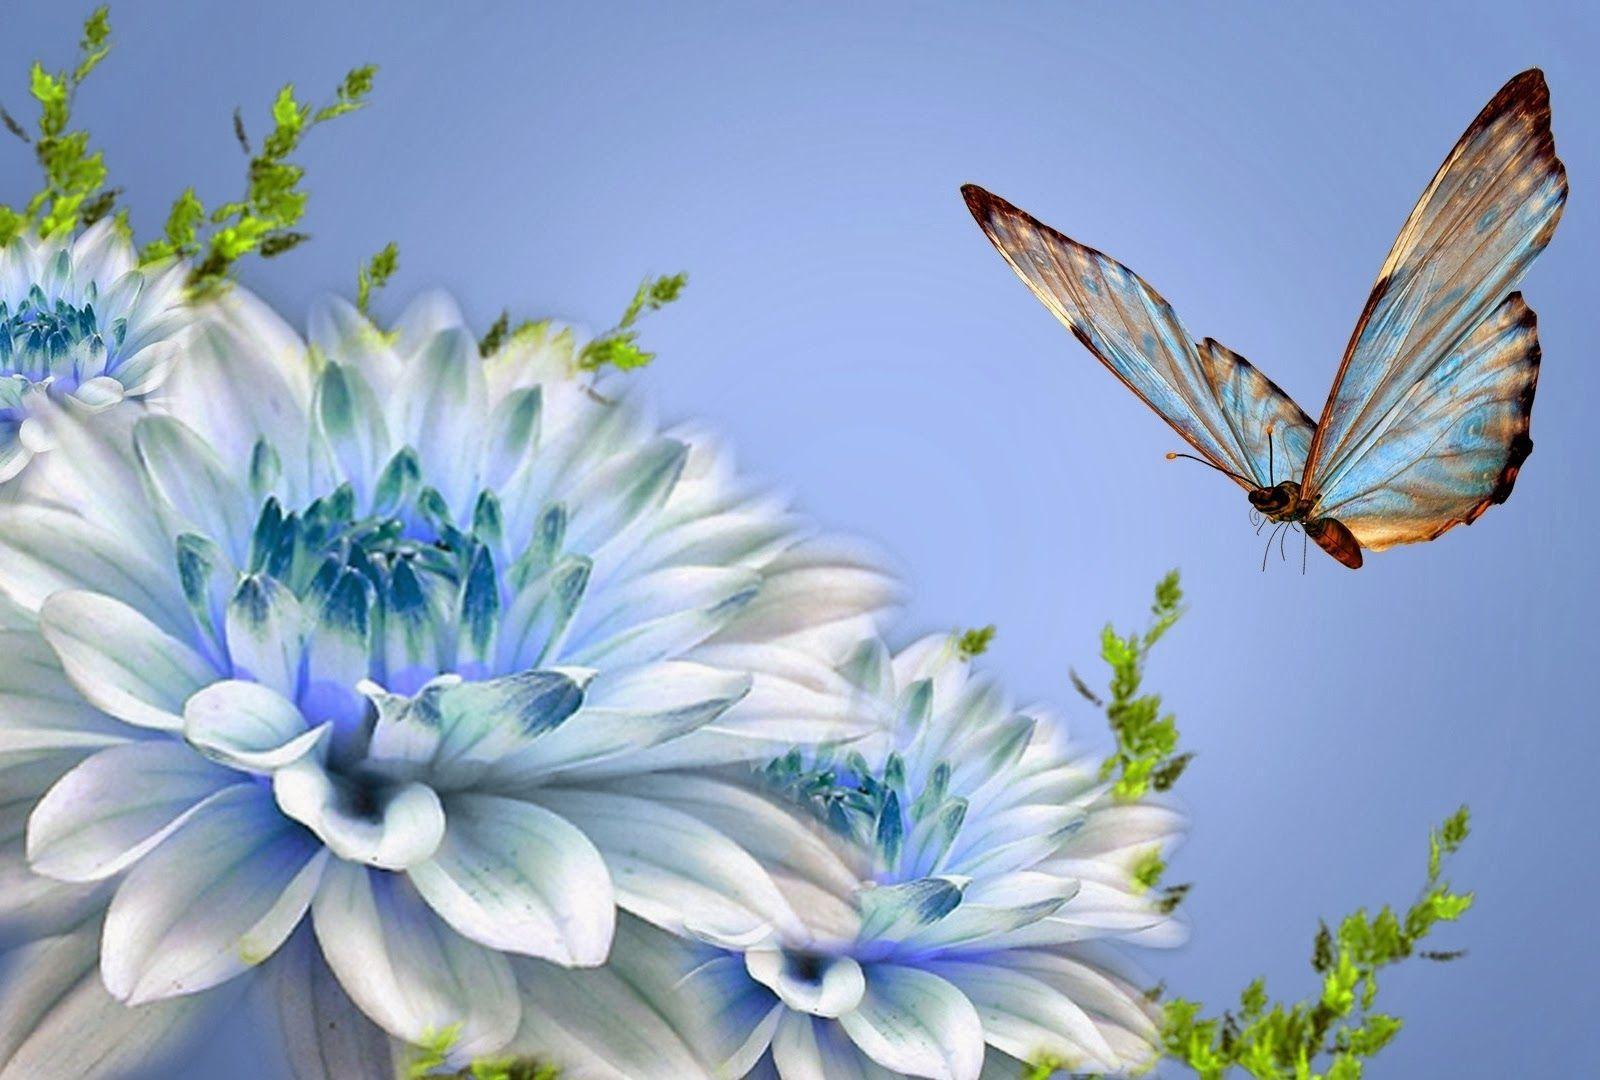 Beautiful Nature Love Wallpapers - Wallpaper Cave